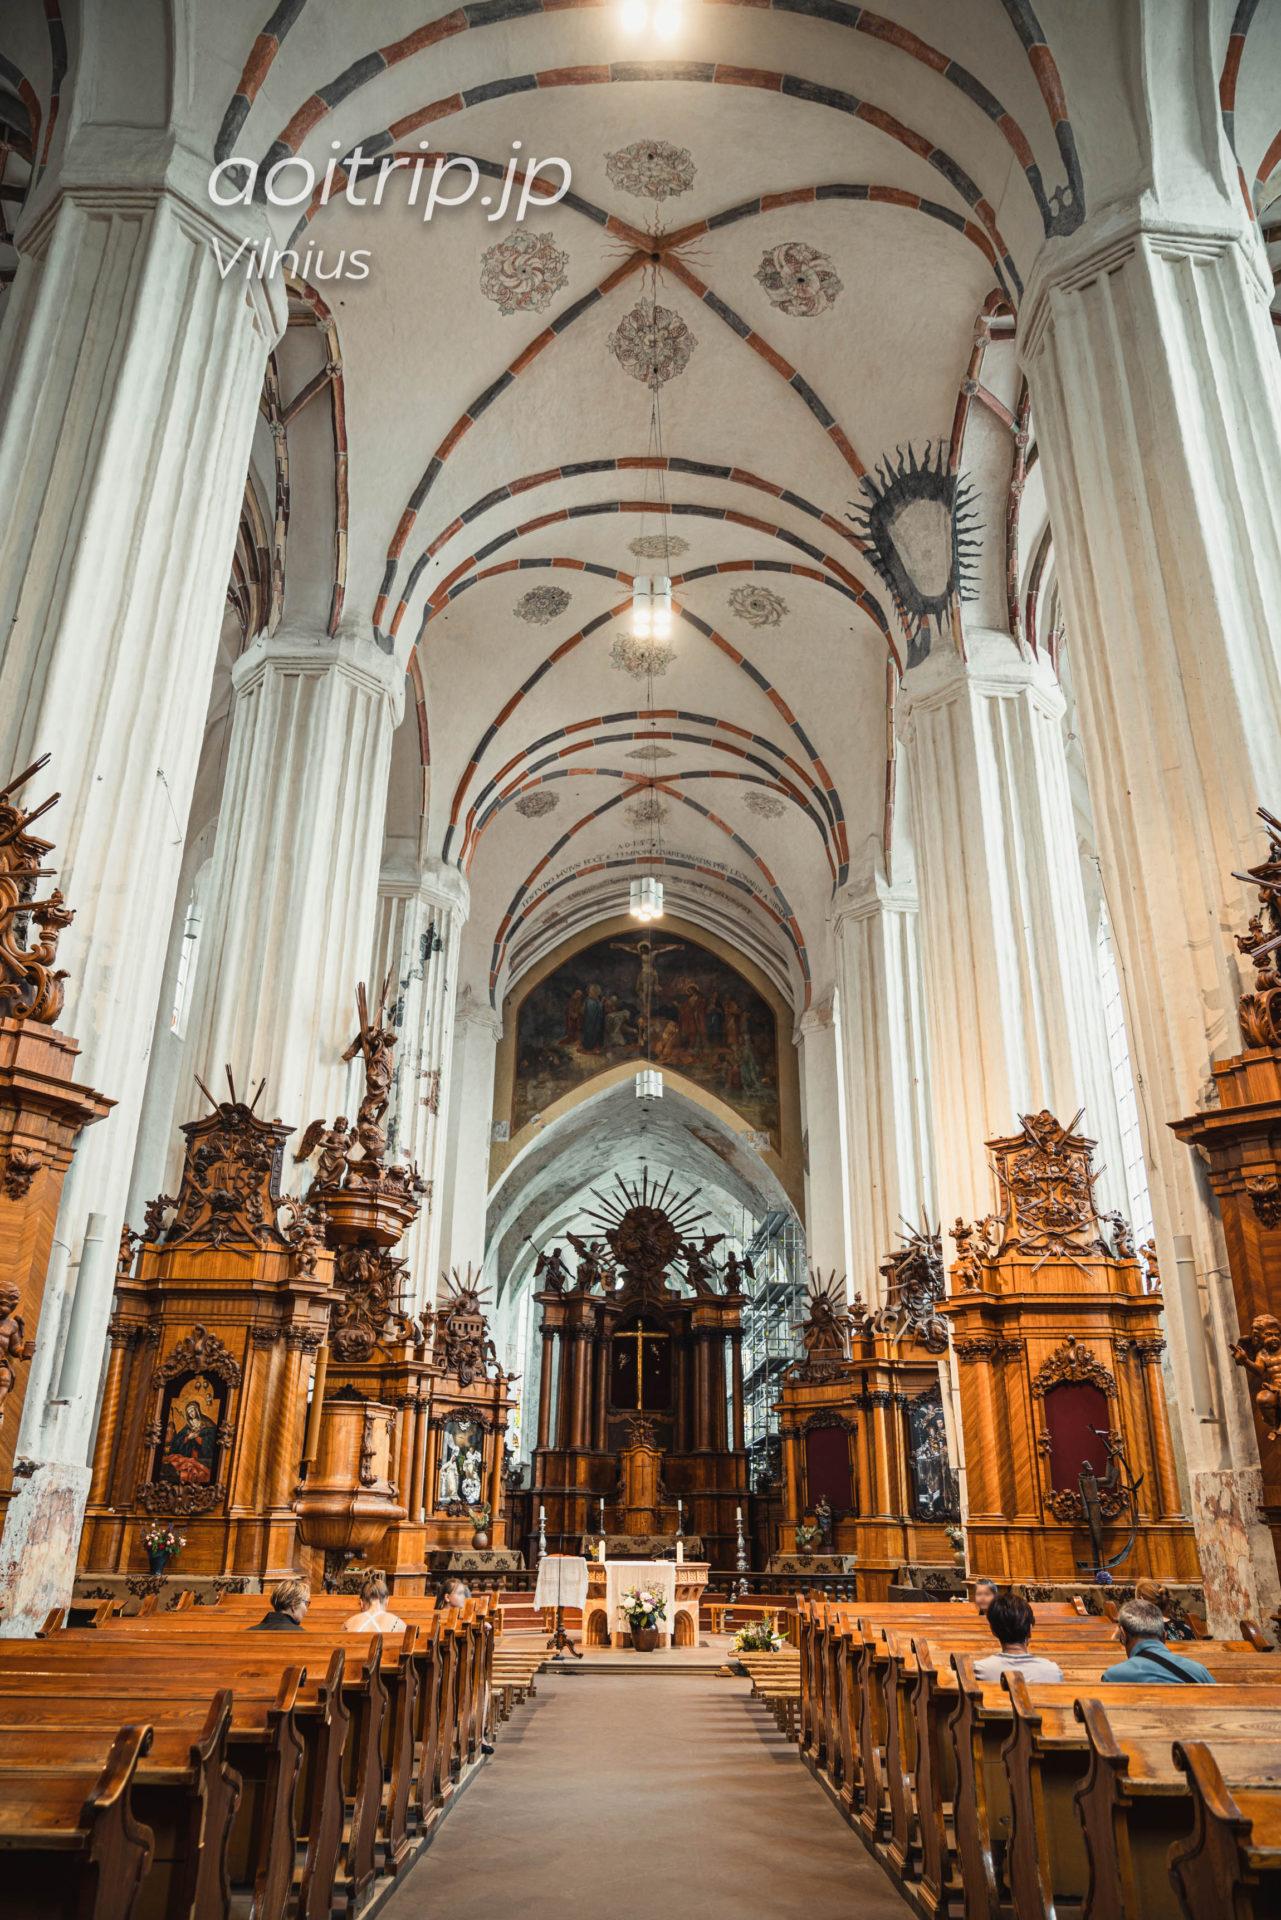 リトアニア ヴィリニュスのベルナルディン教会